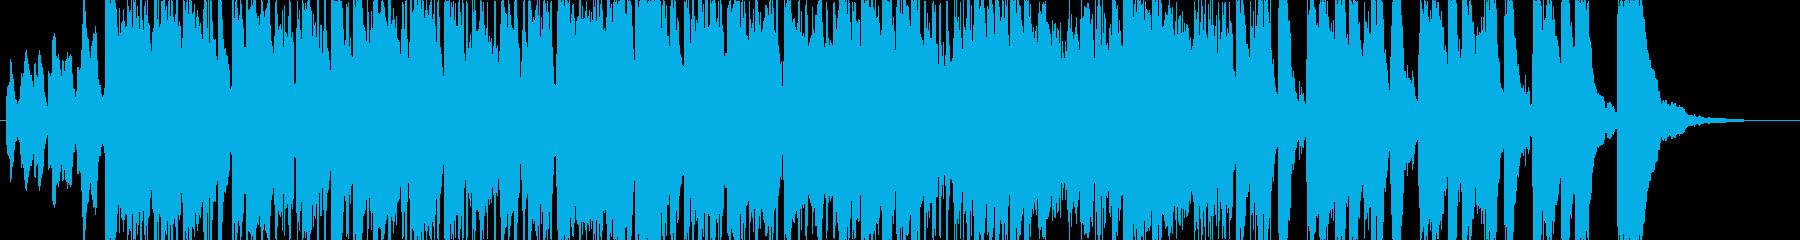 ジングル - エモ・フラメンコの再生済みの波形